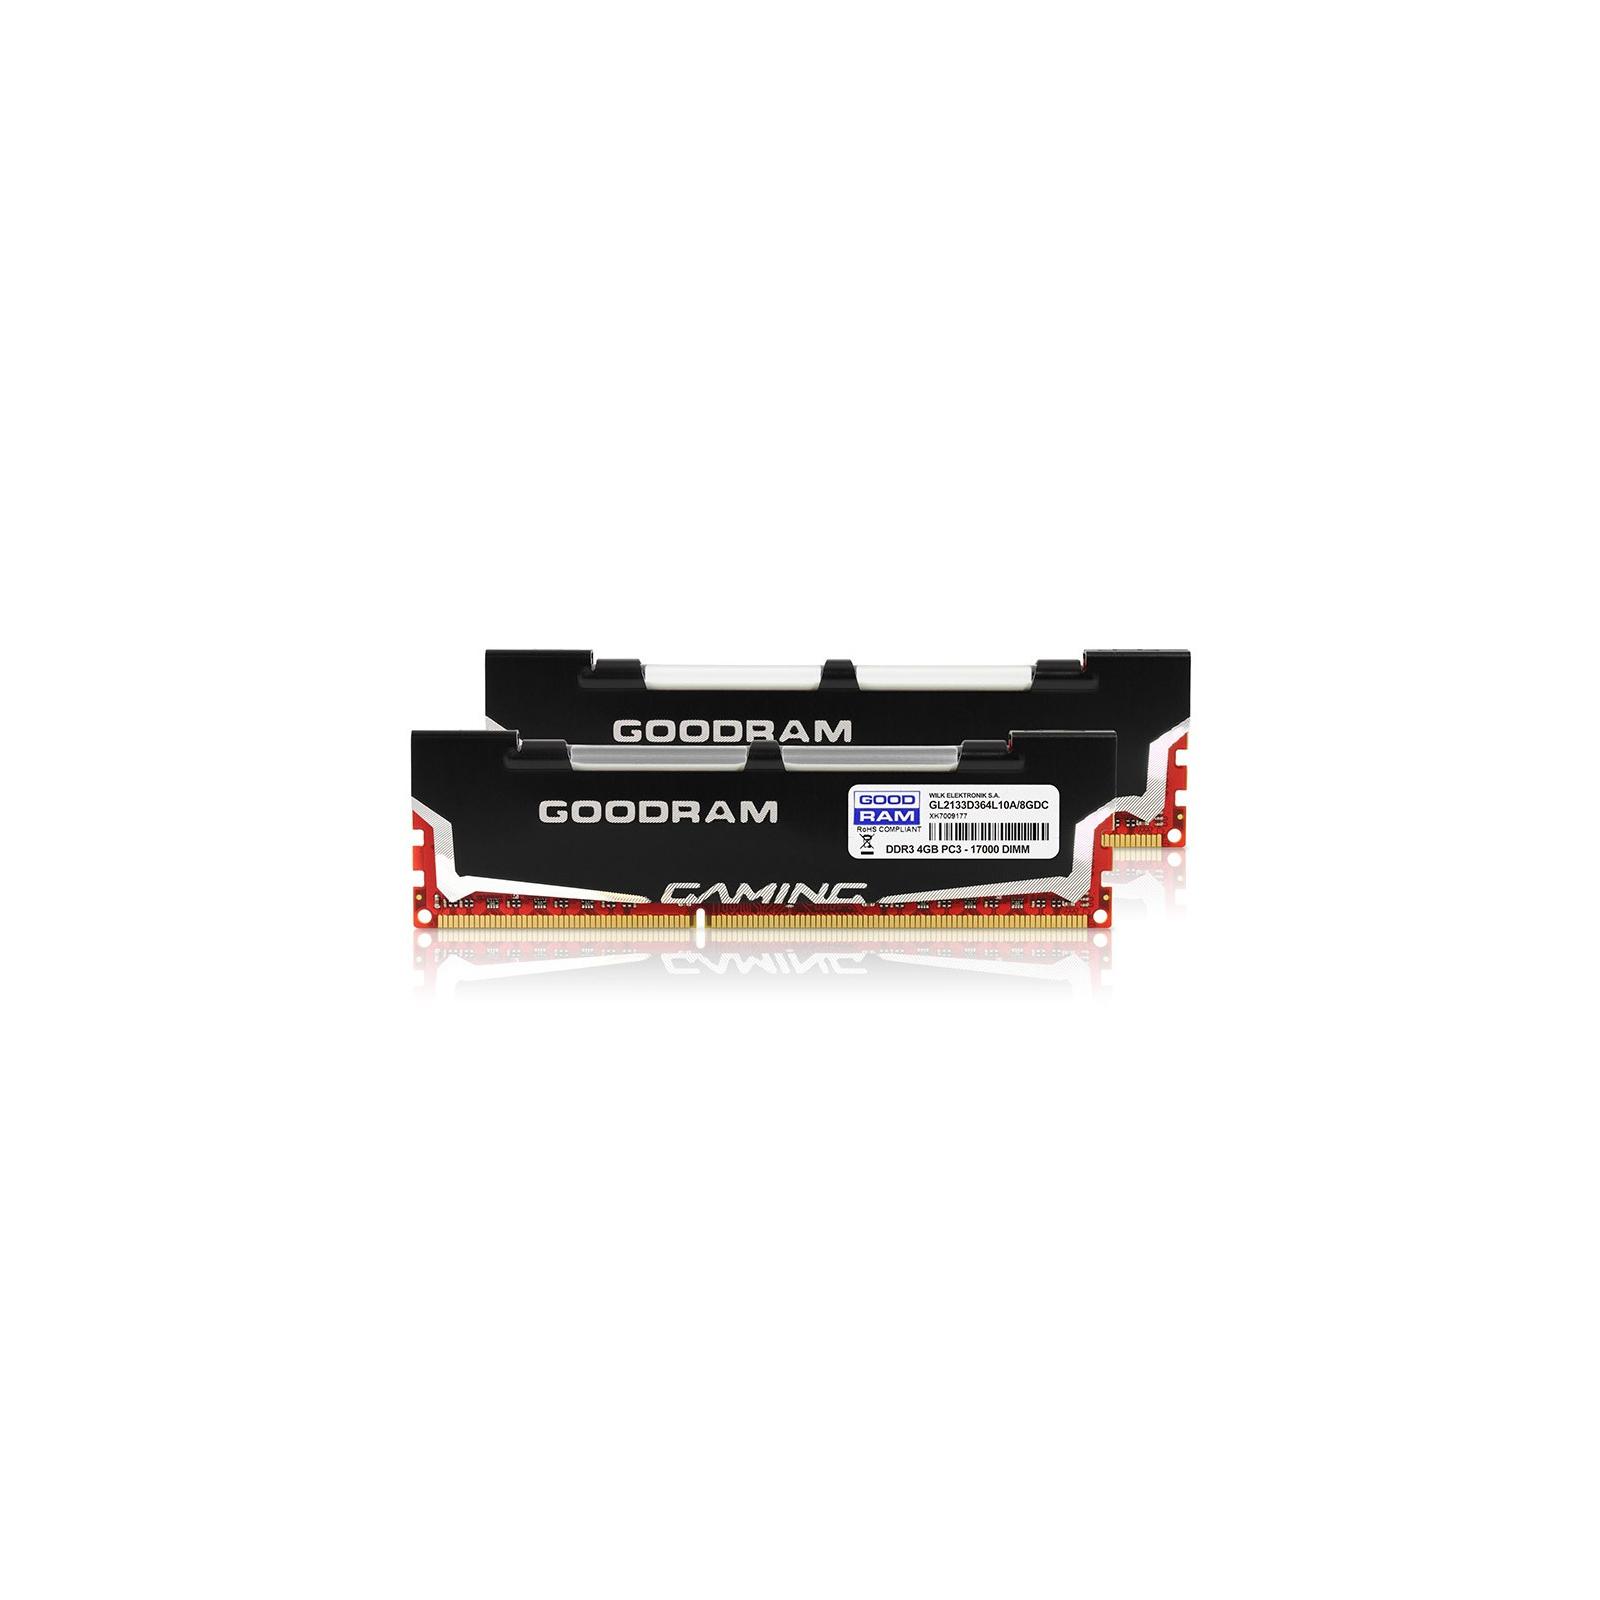 Модуль памяти для компьютера DDR3 8Gb (2x4GB) 2133 MHz Led Gaming GOODRAM (GL2133D364L10A/8GDC) изображение 3